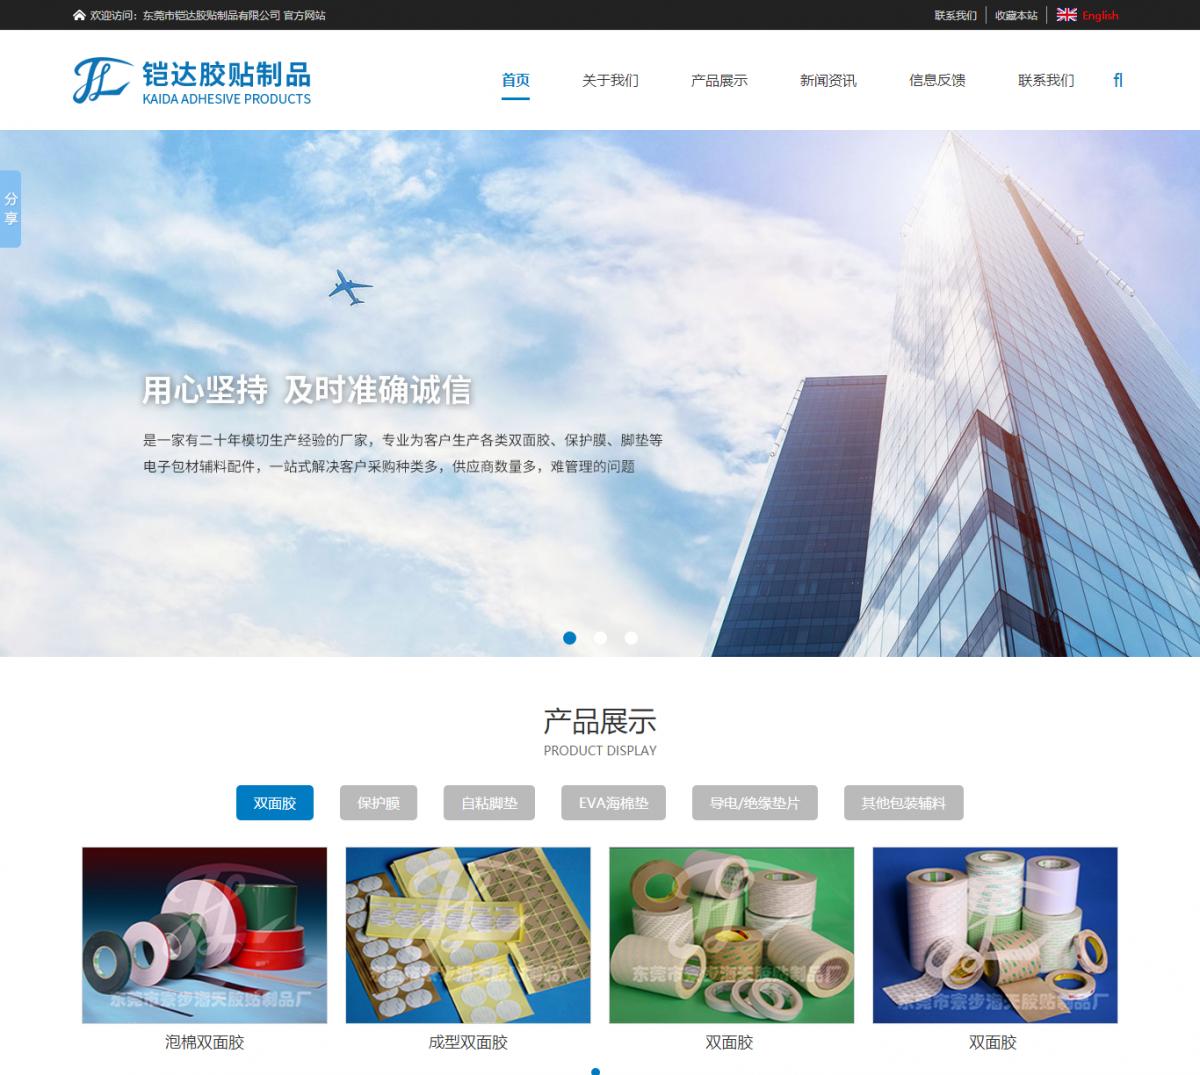 东莞市铠达胶贴制品有限公司-电子包装辅料、胶贴产品、橡塑产品、双面胶、保护膜.png